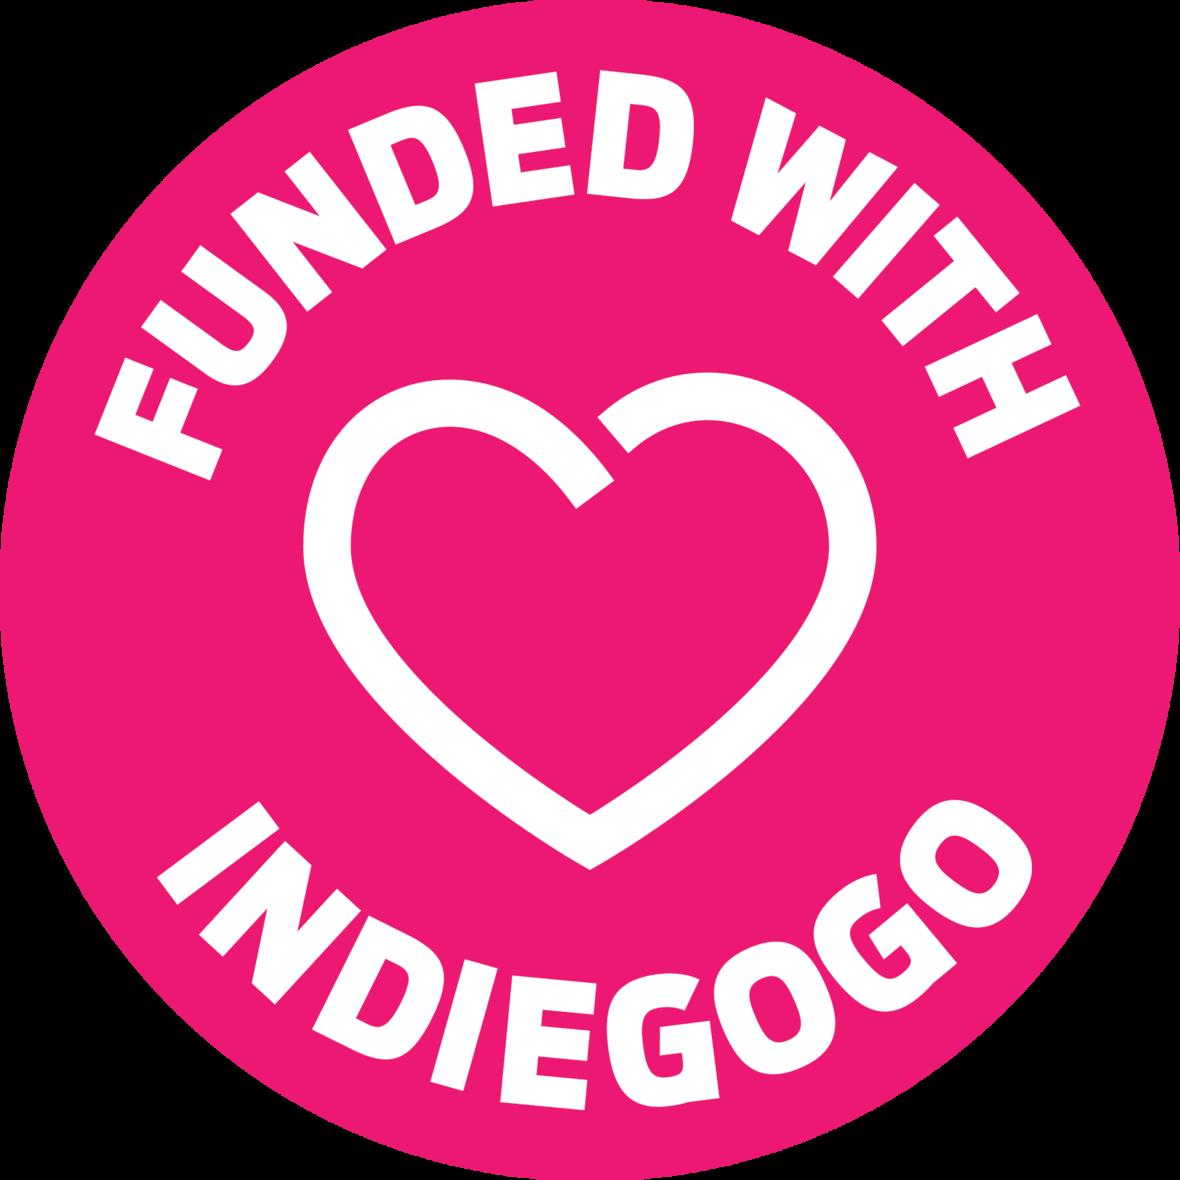 IGG FundedWithBadges Gogenta RGB-b456c8f429c80a315876da61111e327e